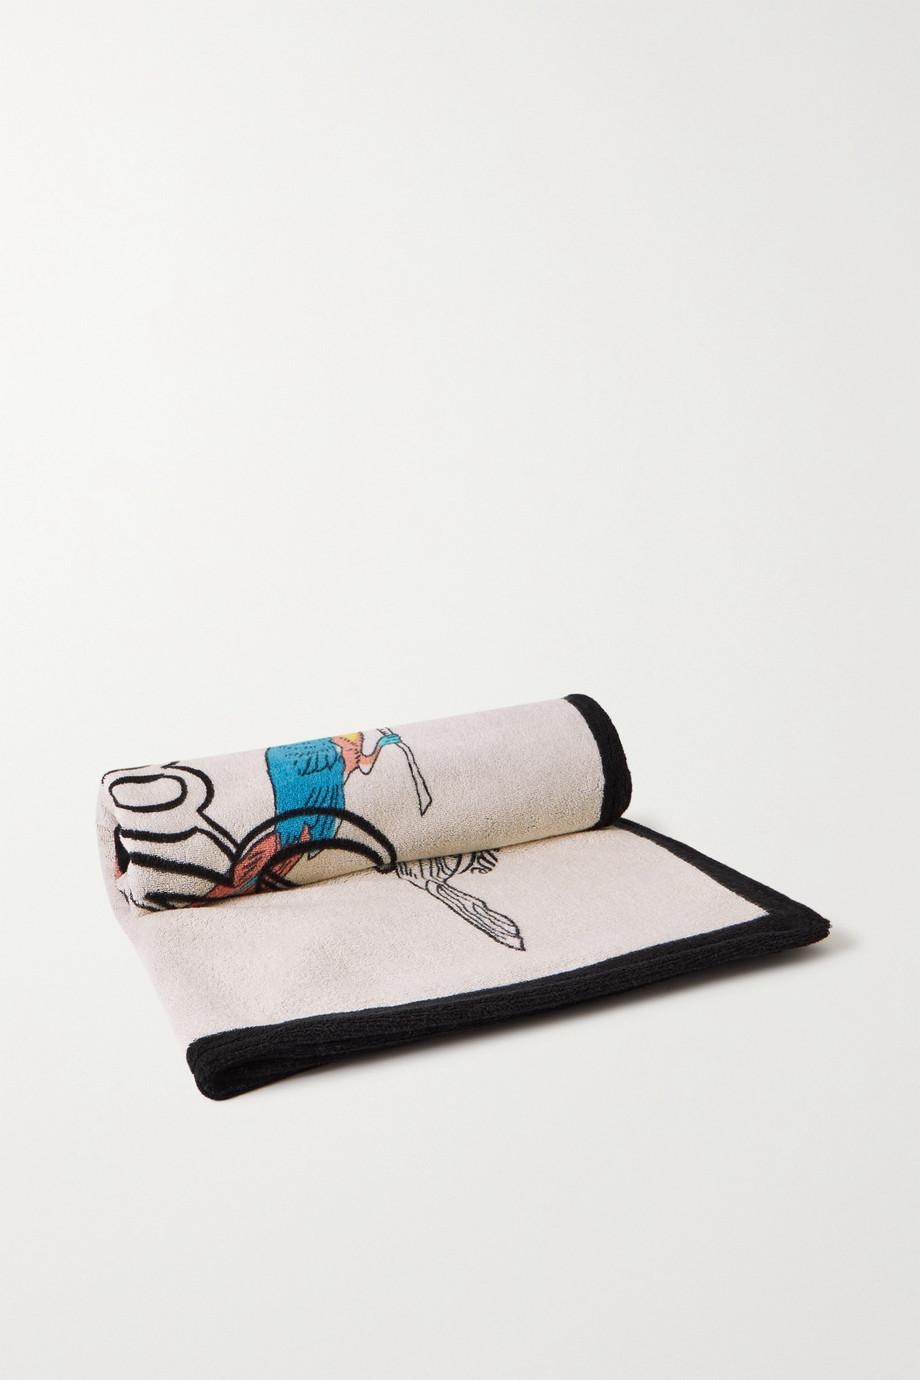 Loewe Serviette en molleton de coton imprimé x Paula's Ibiza